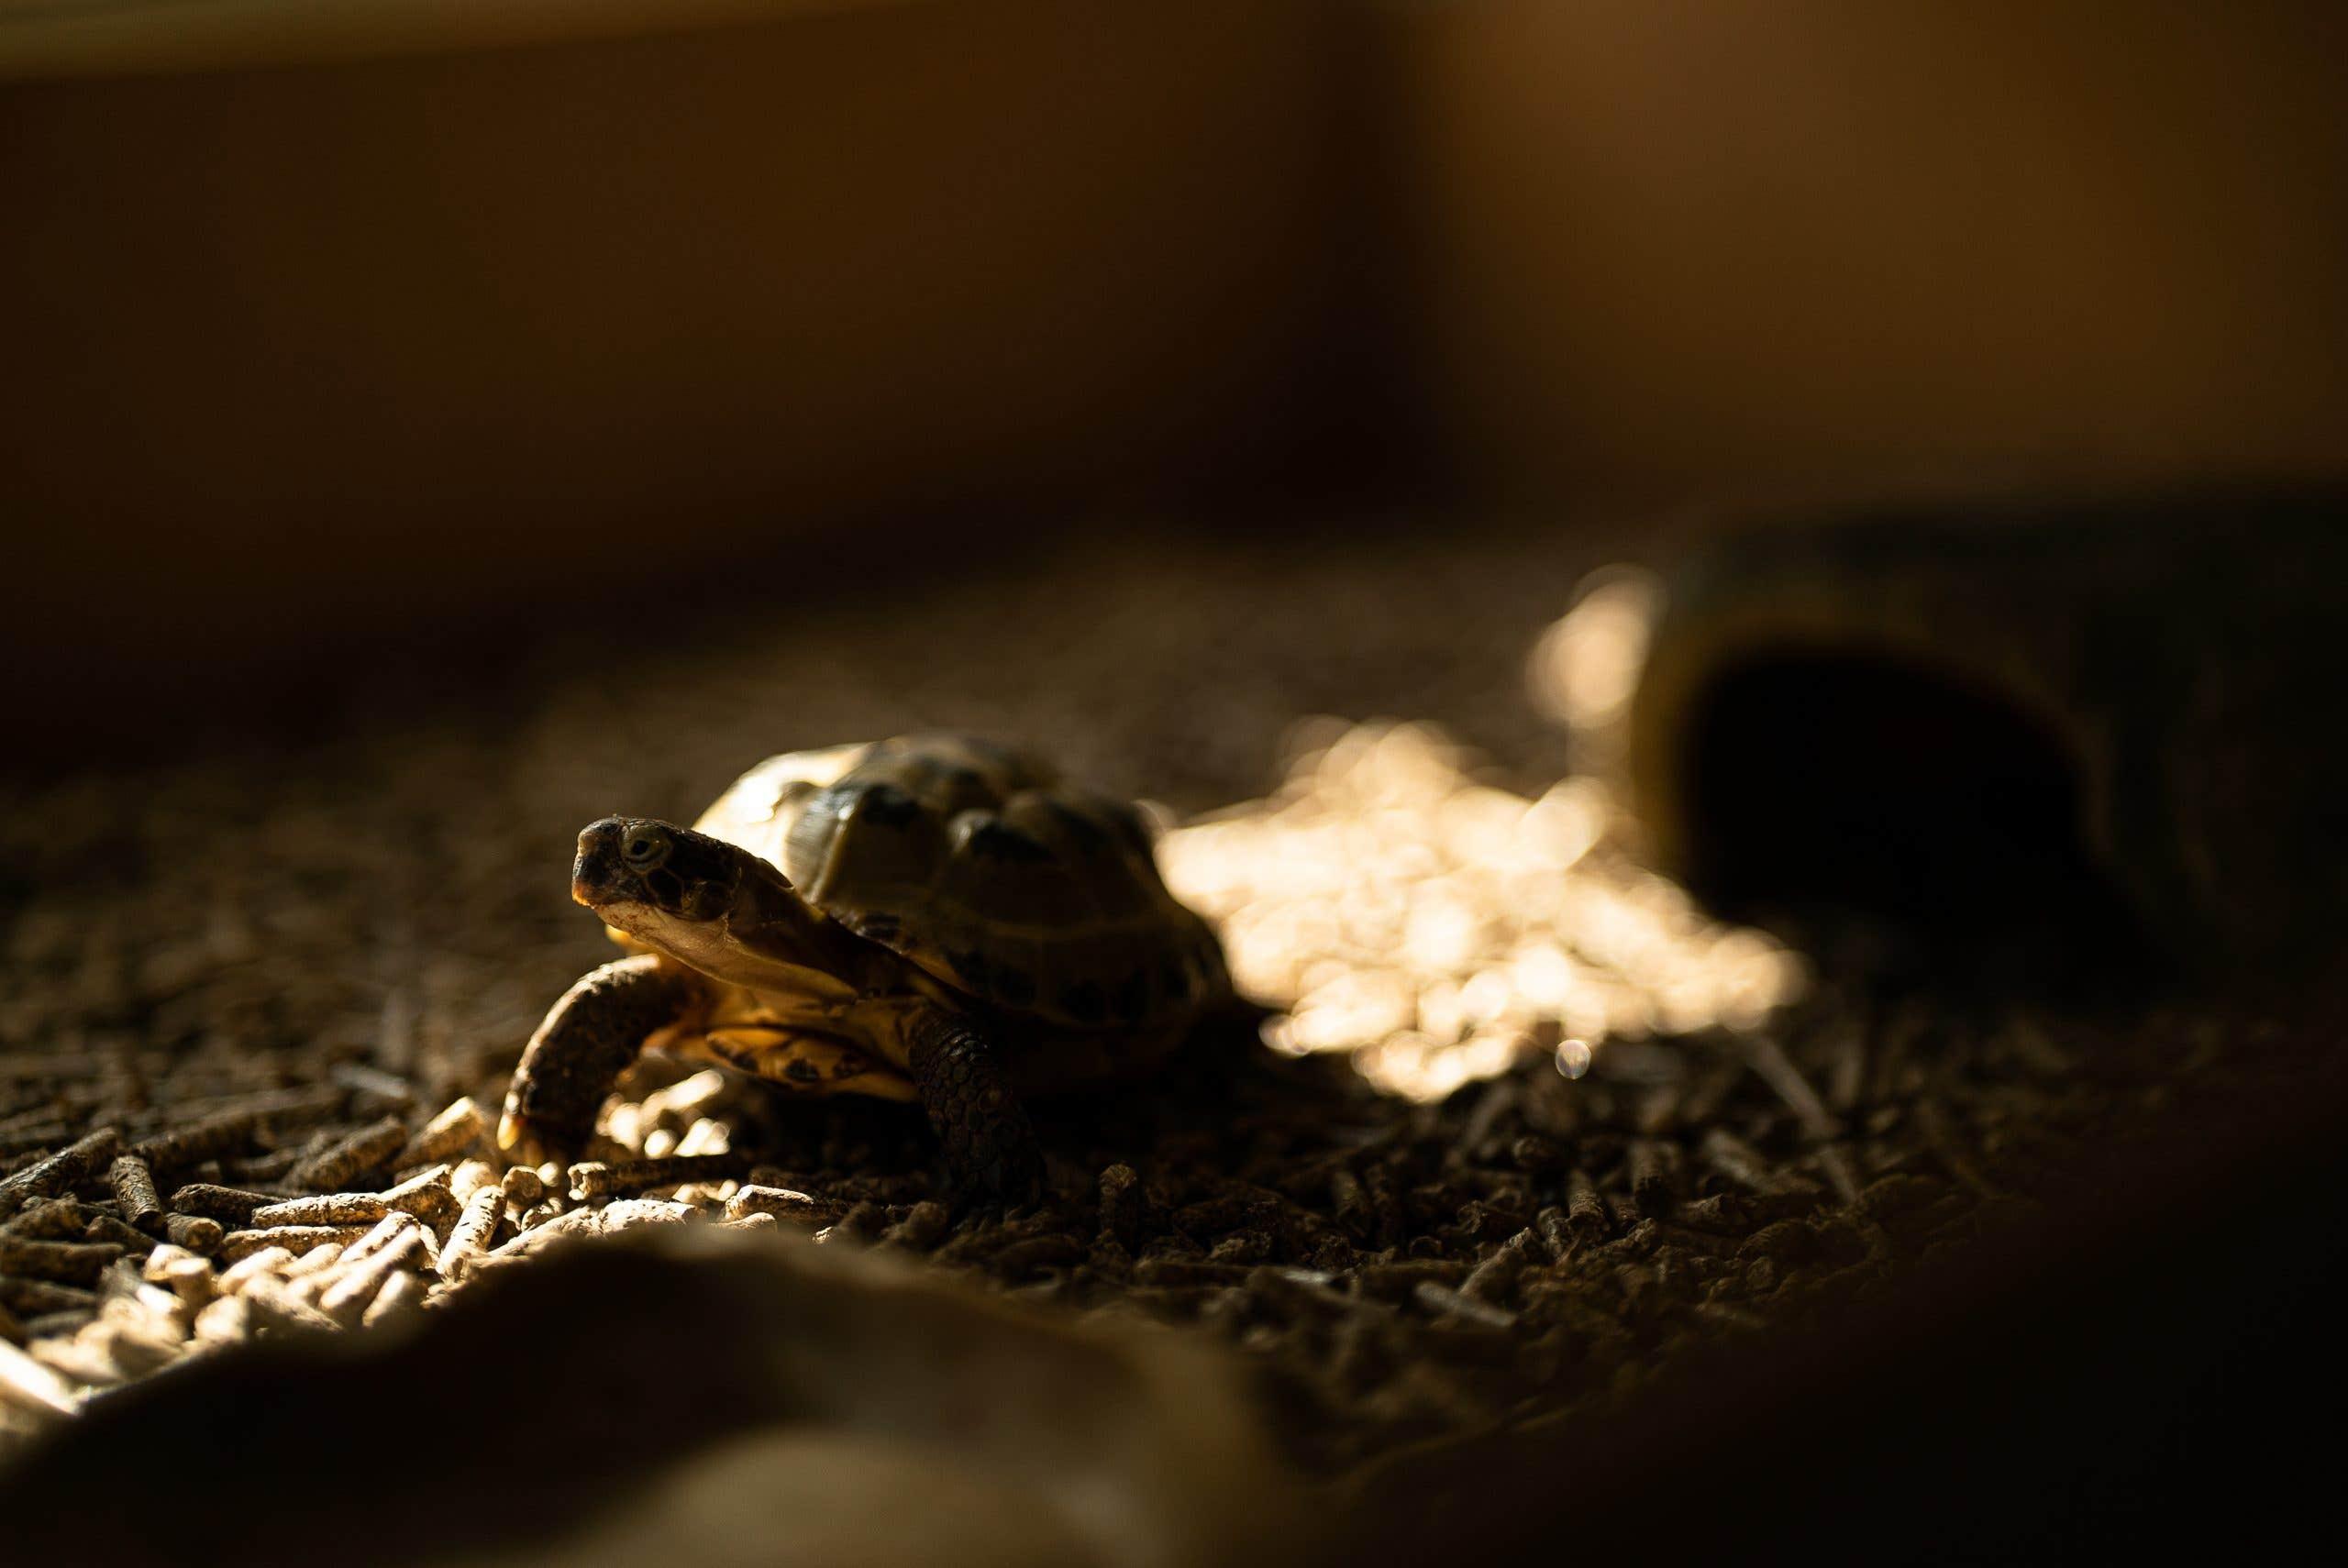 Prueba de la distancia mínima de enfoque - Hodor, mi tortuga, buscando el sol